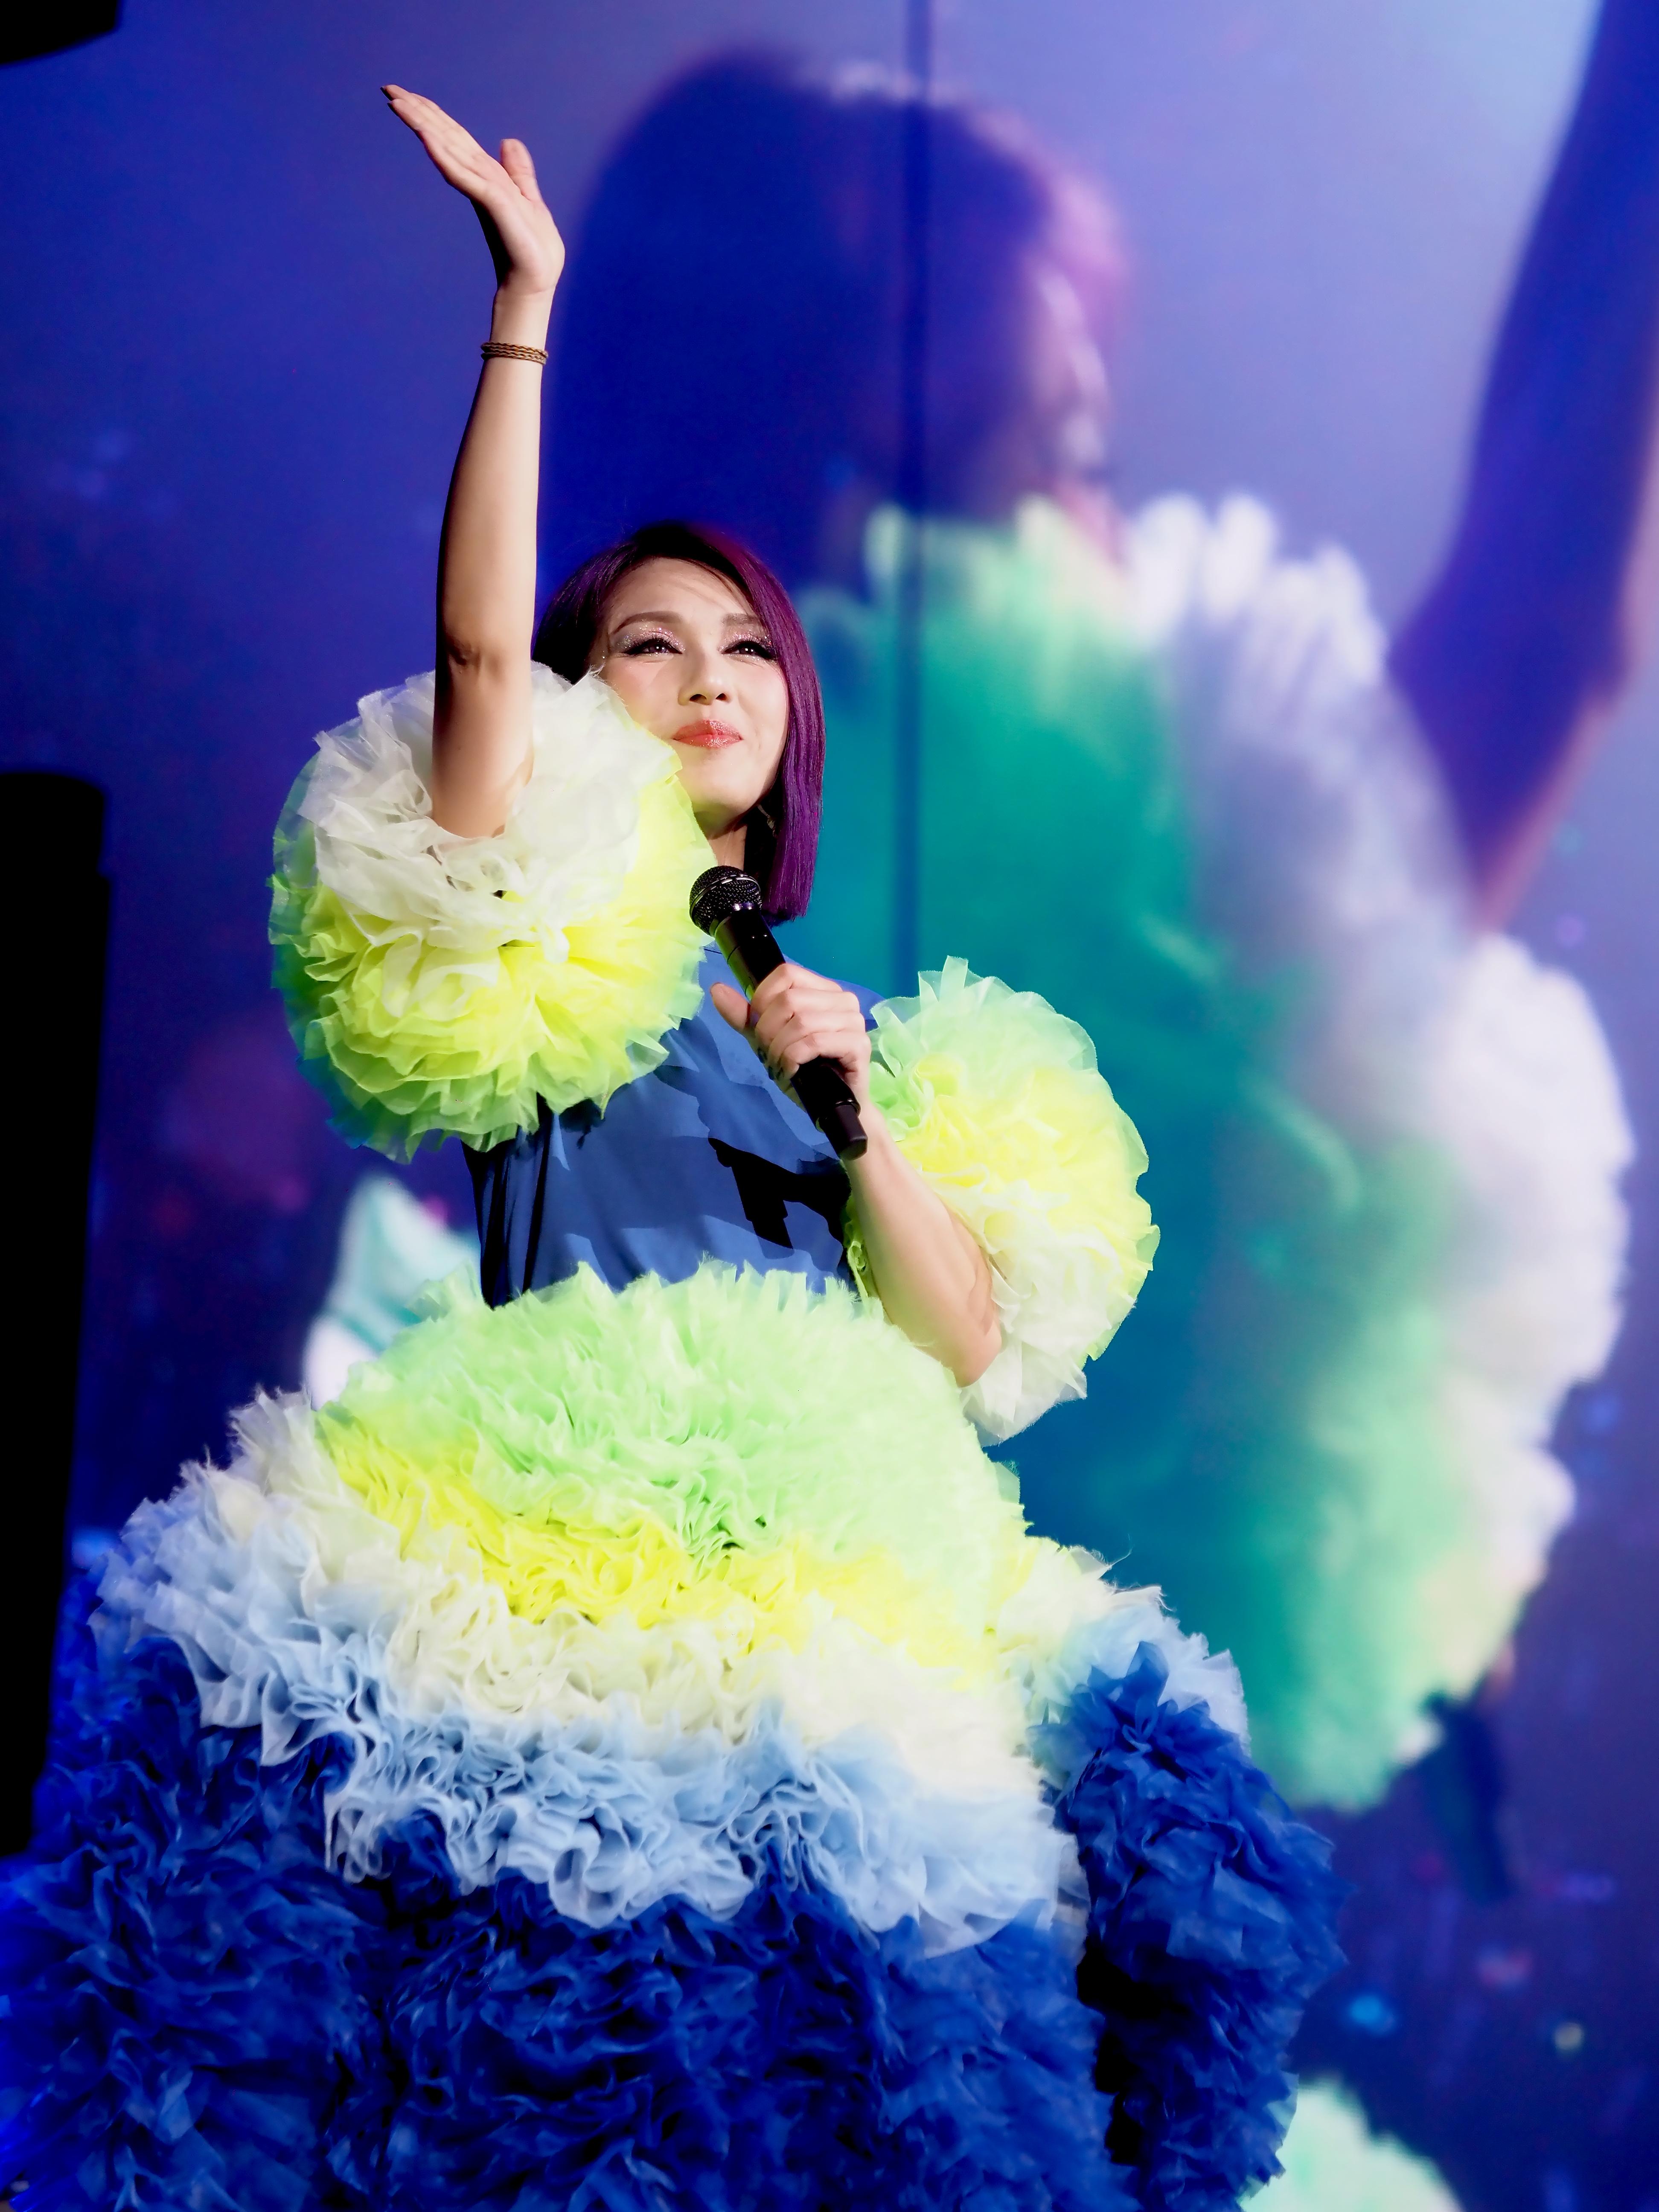 千嬅花盡心思揀選巡唱的歌單,亦堅持全廣東歌單。